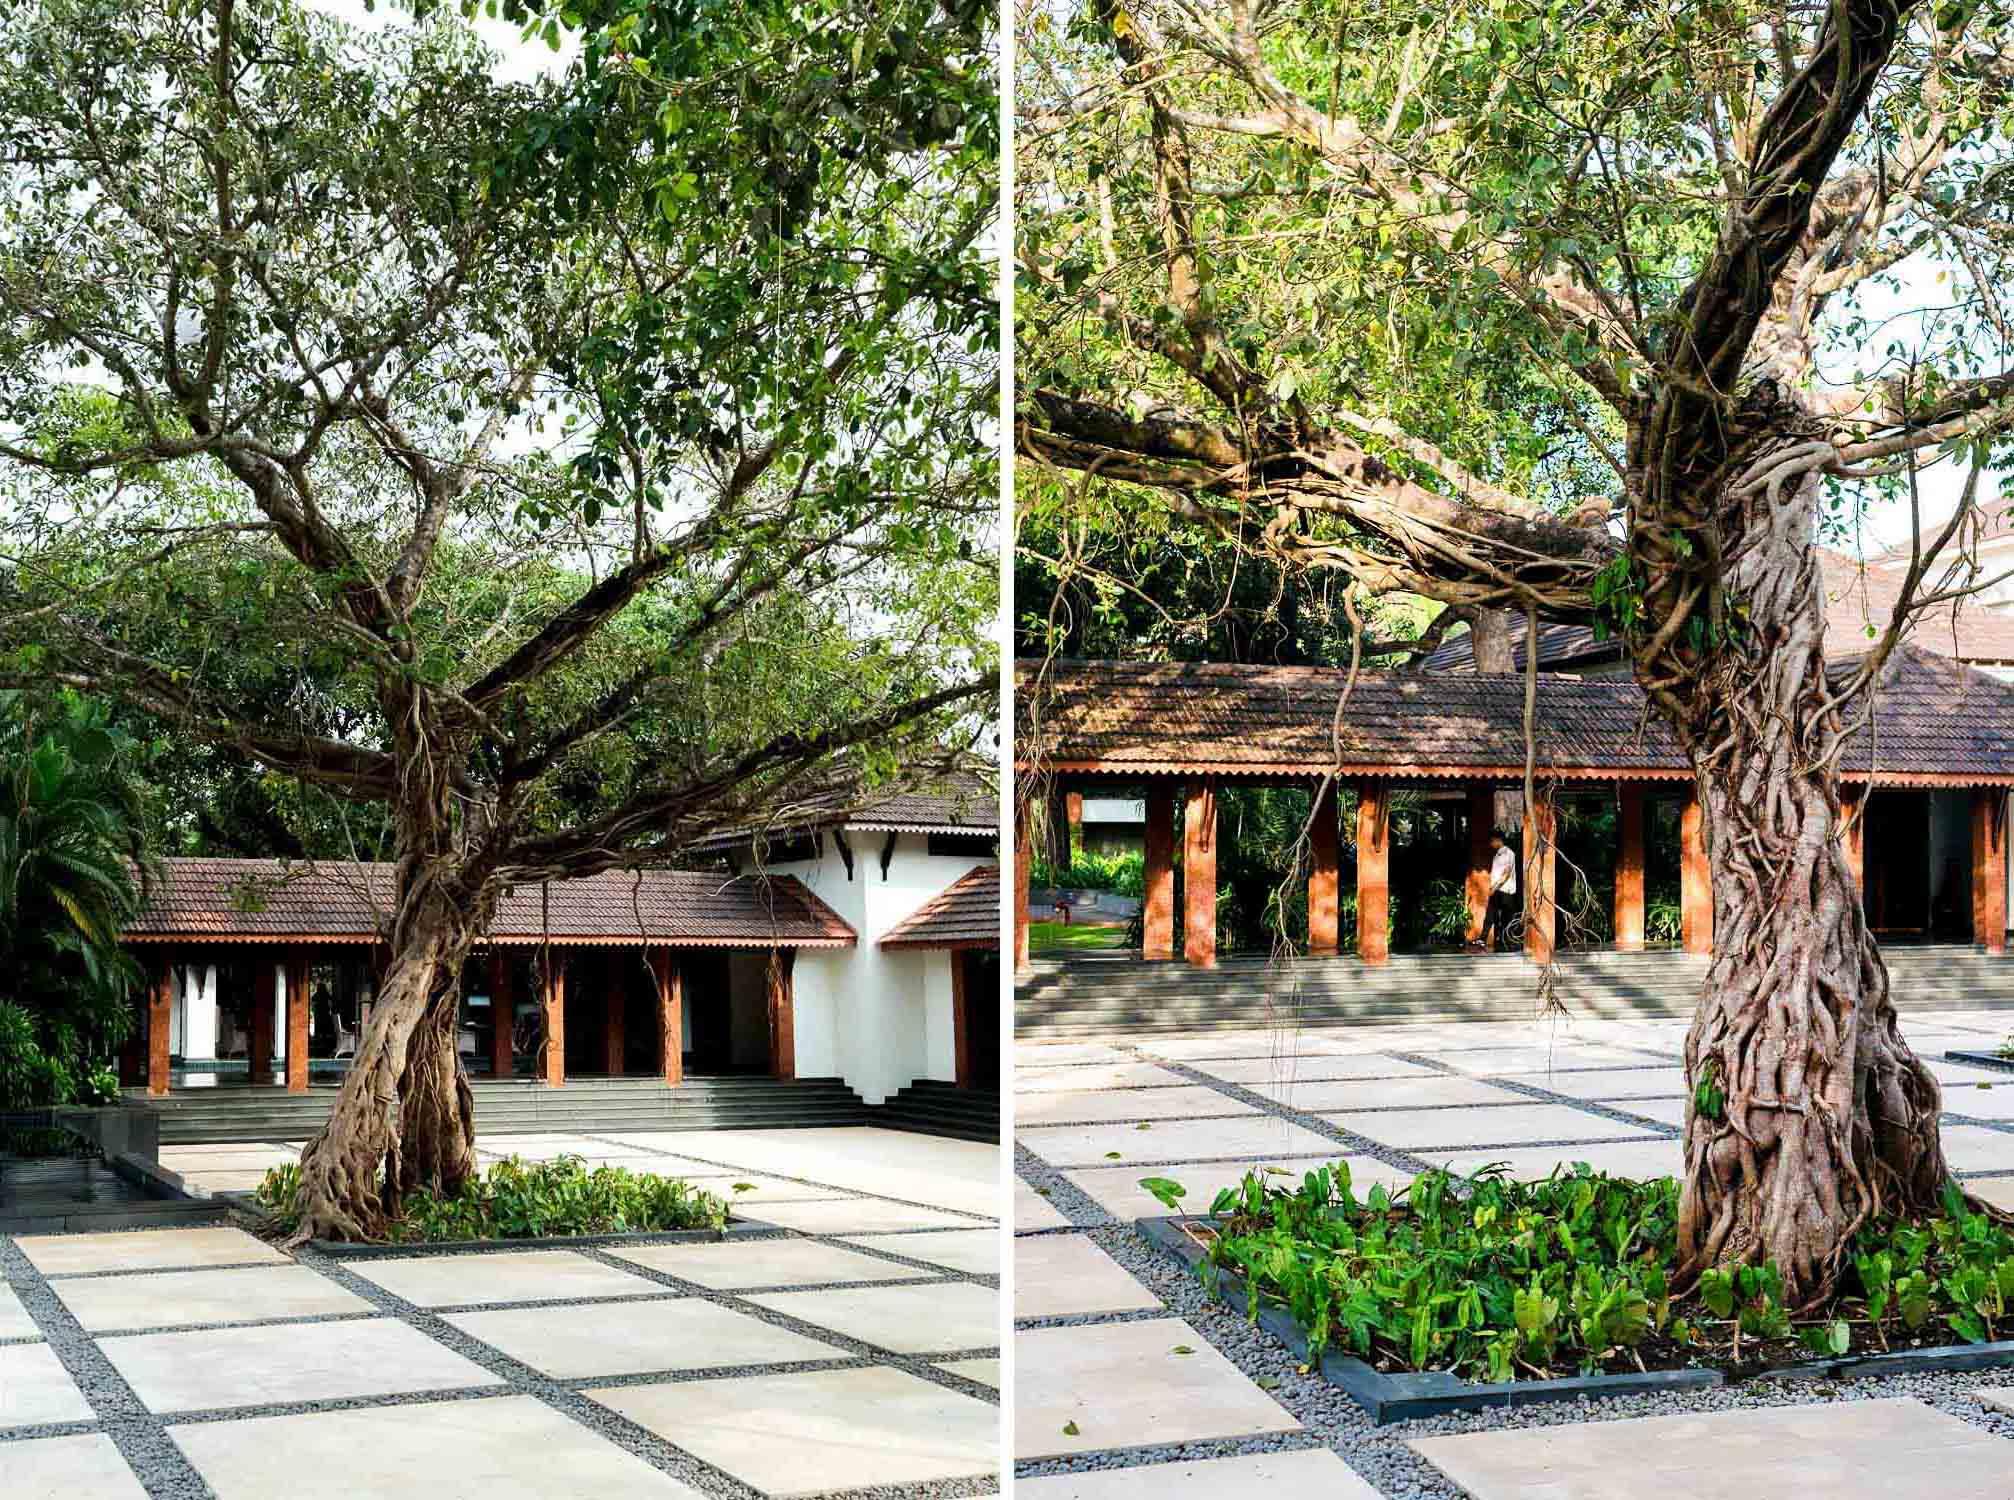 Courtyard with old banyan tree - Alila Diwa Goa, India